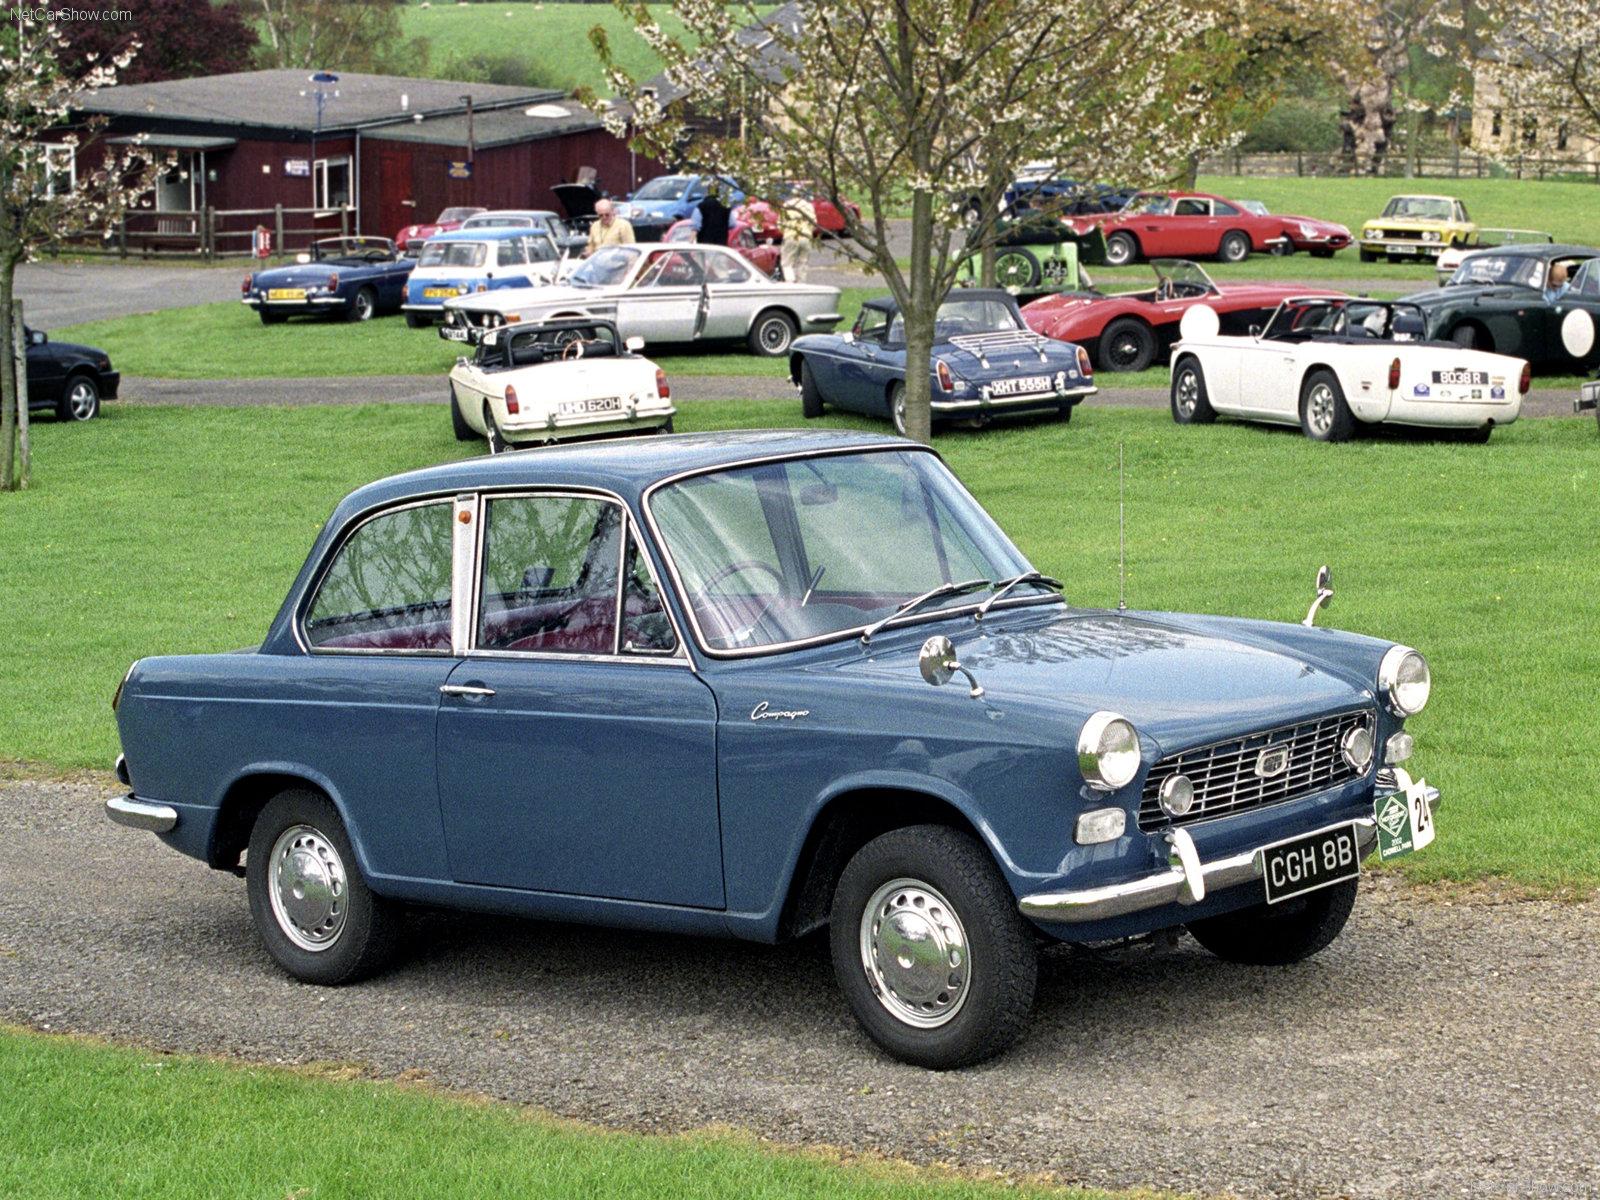 Hình ảnh xe ô tô Daihatsu Compagno Berlina 800 1965 & nội ngoại thất